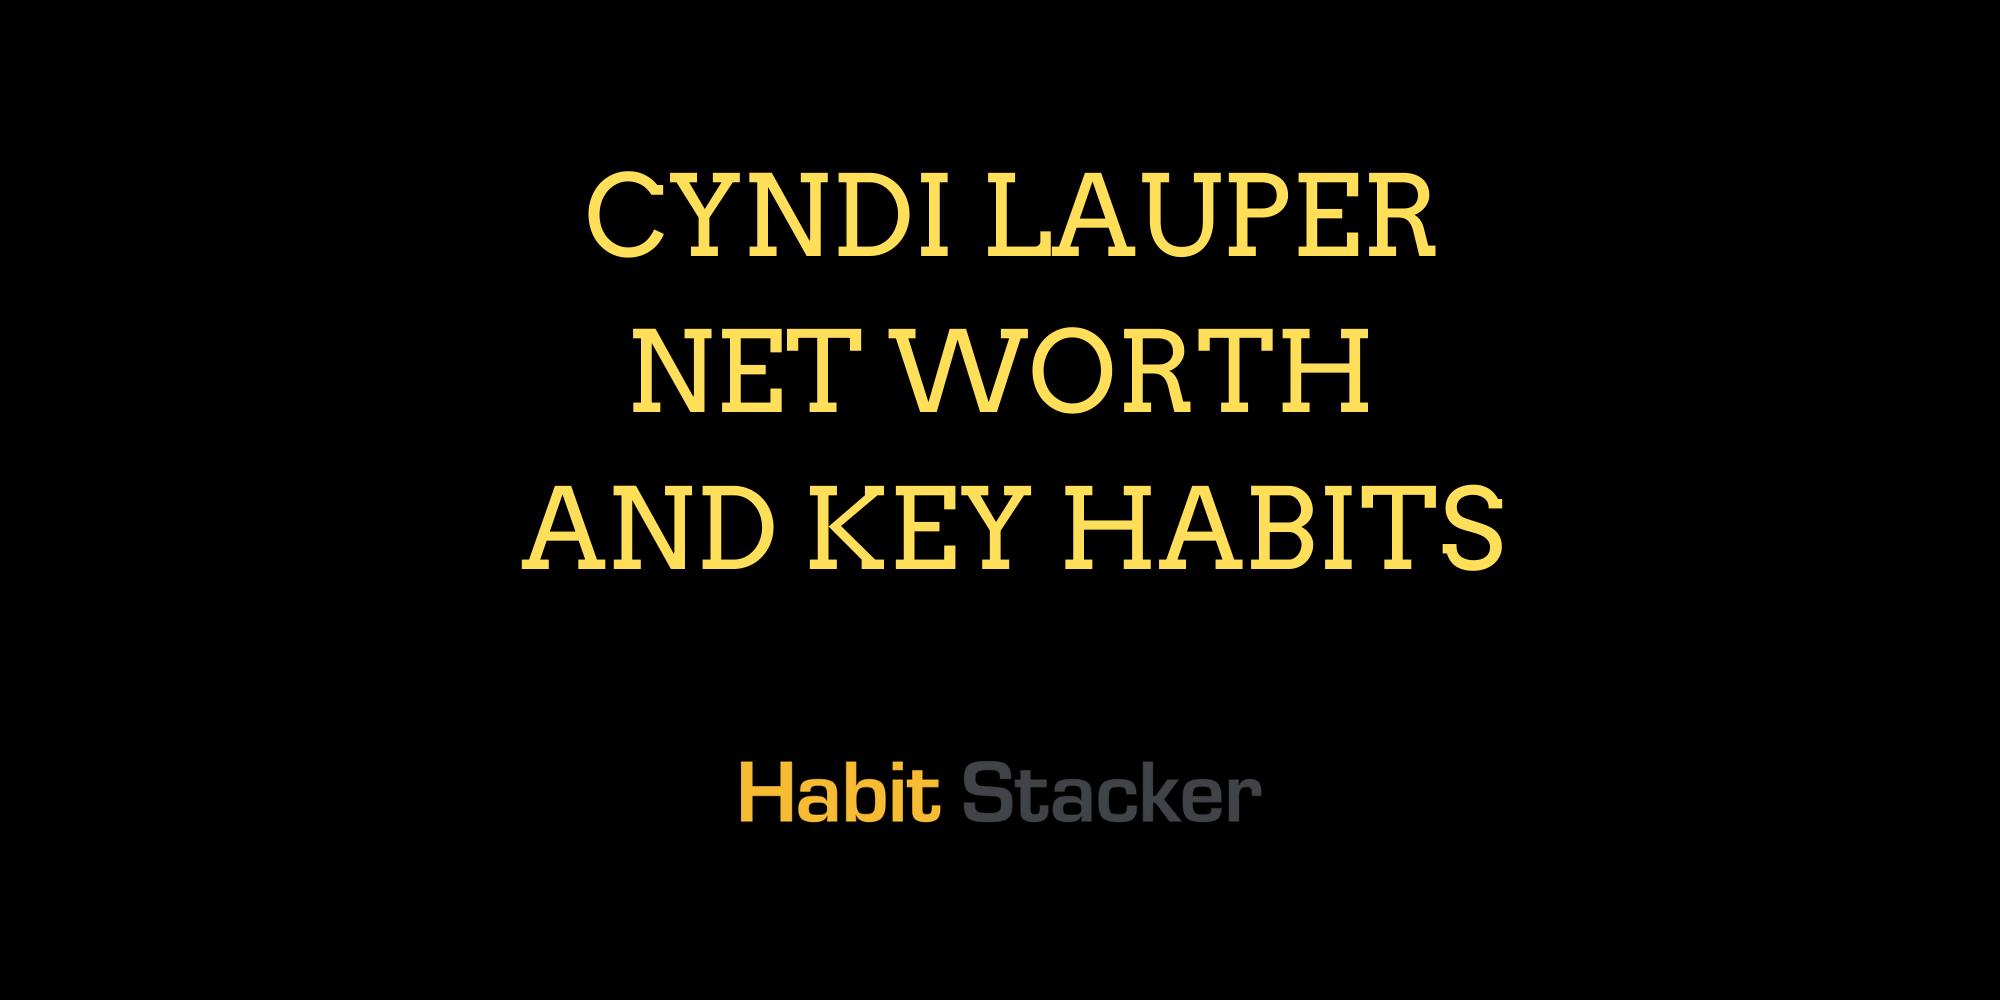 Cyndi Lauper Net Worth